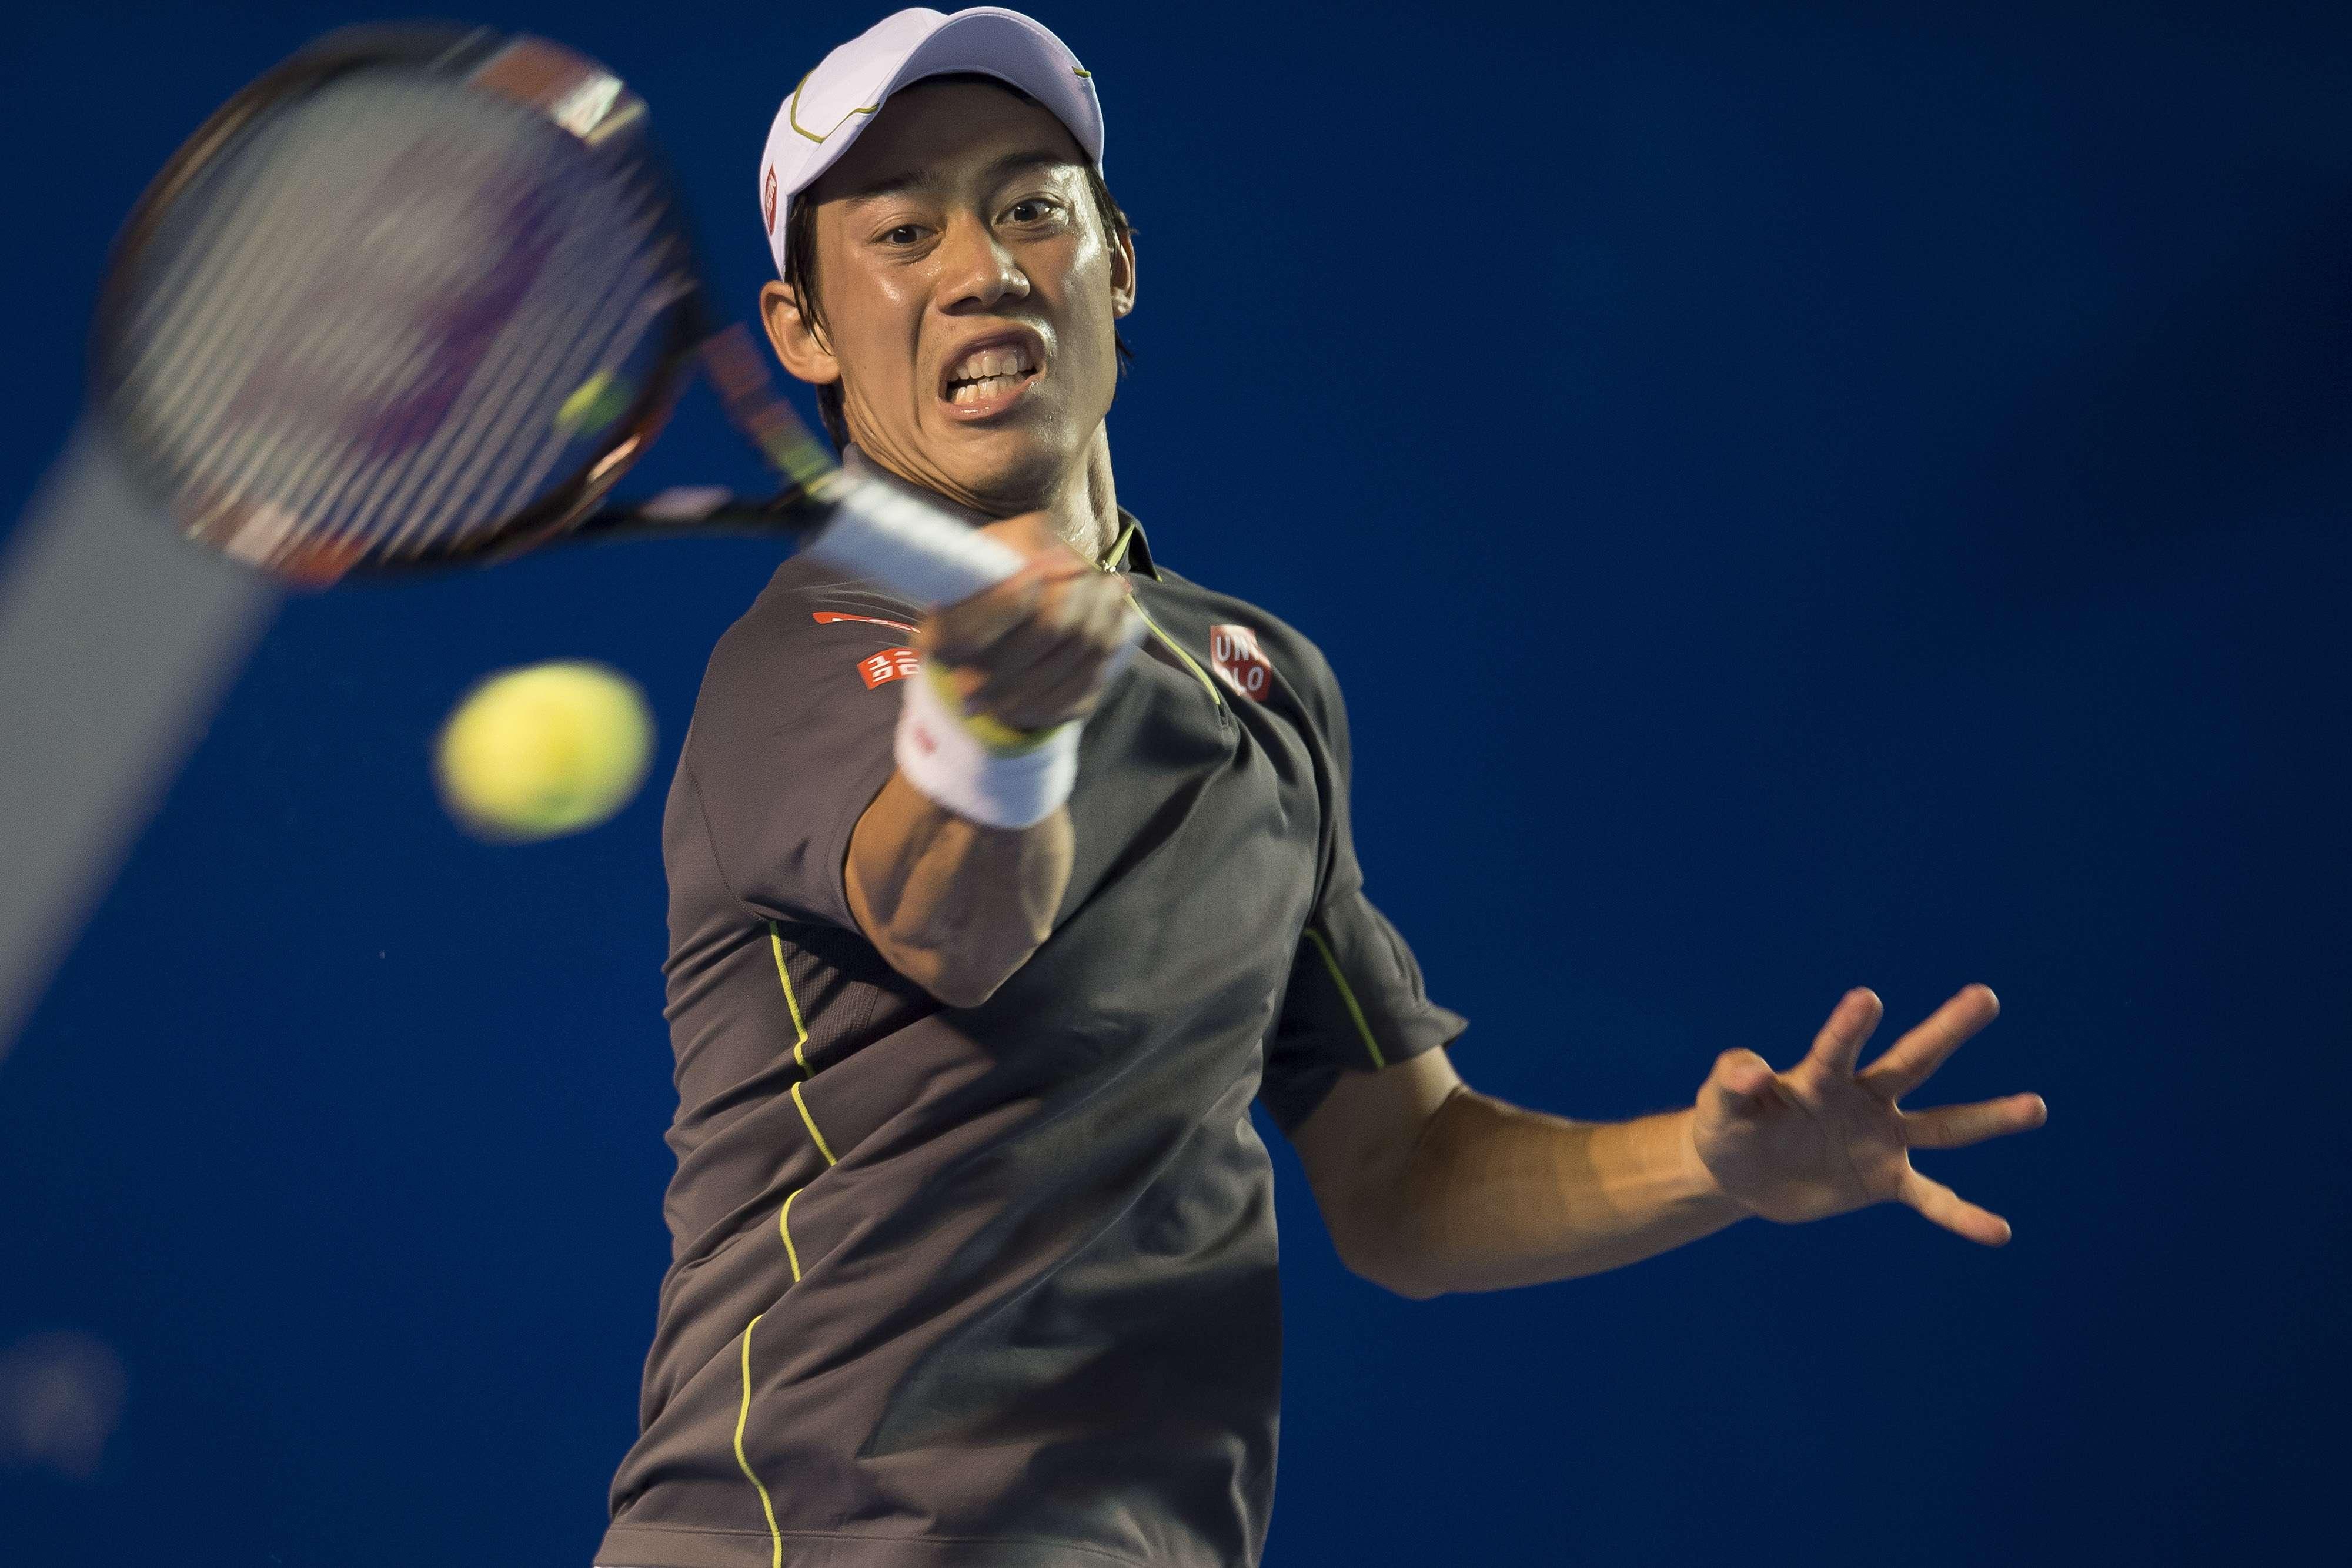 El japonés ganó en tres sets. Foto: Mexsport